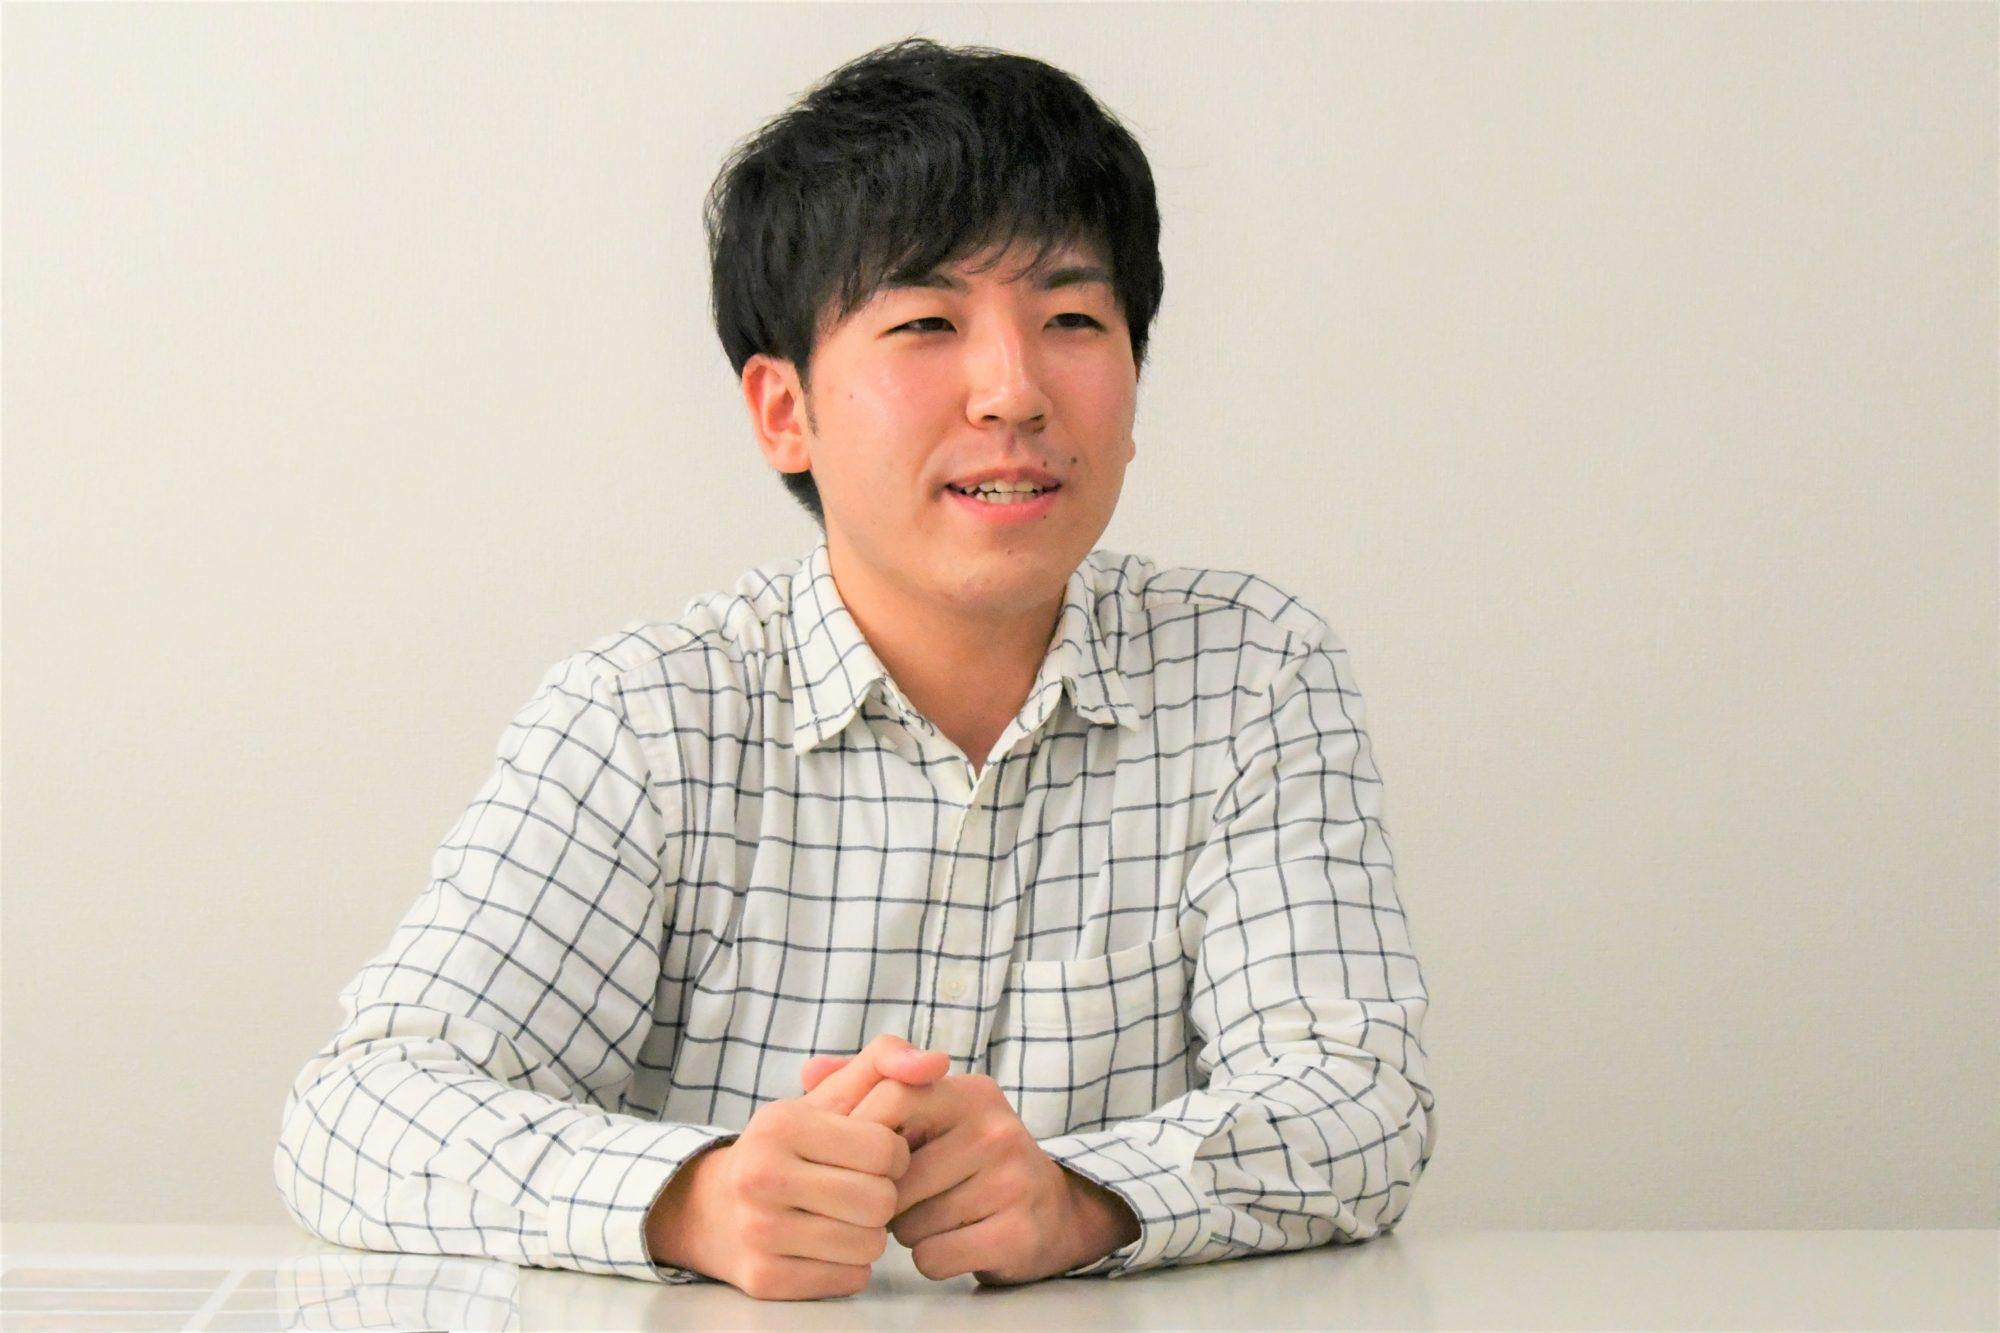 インタビュー中の津川さん